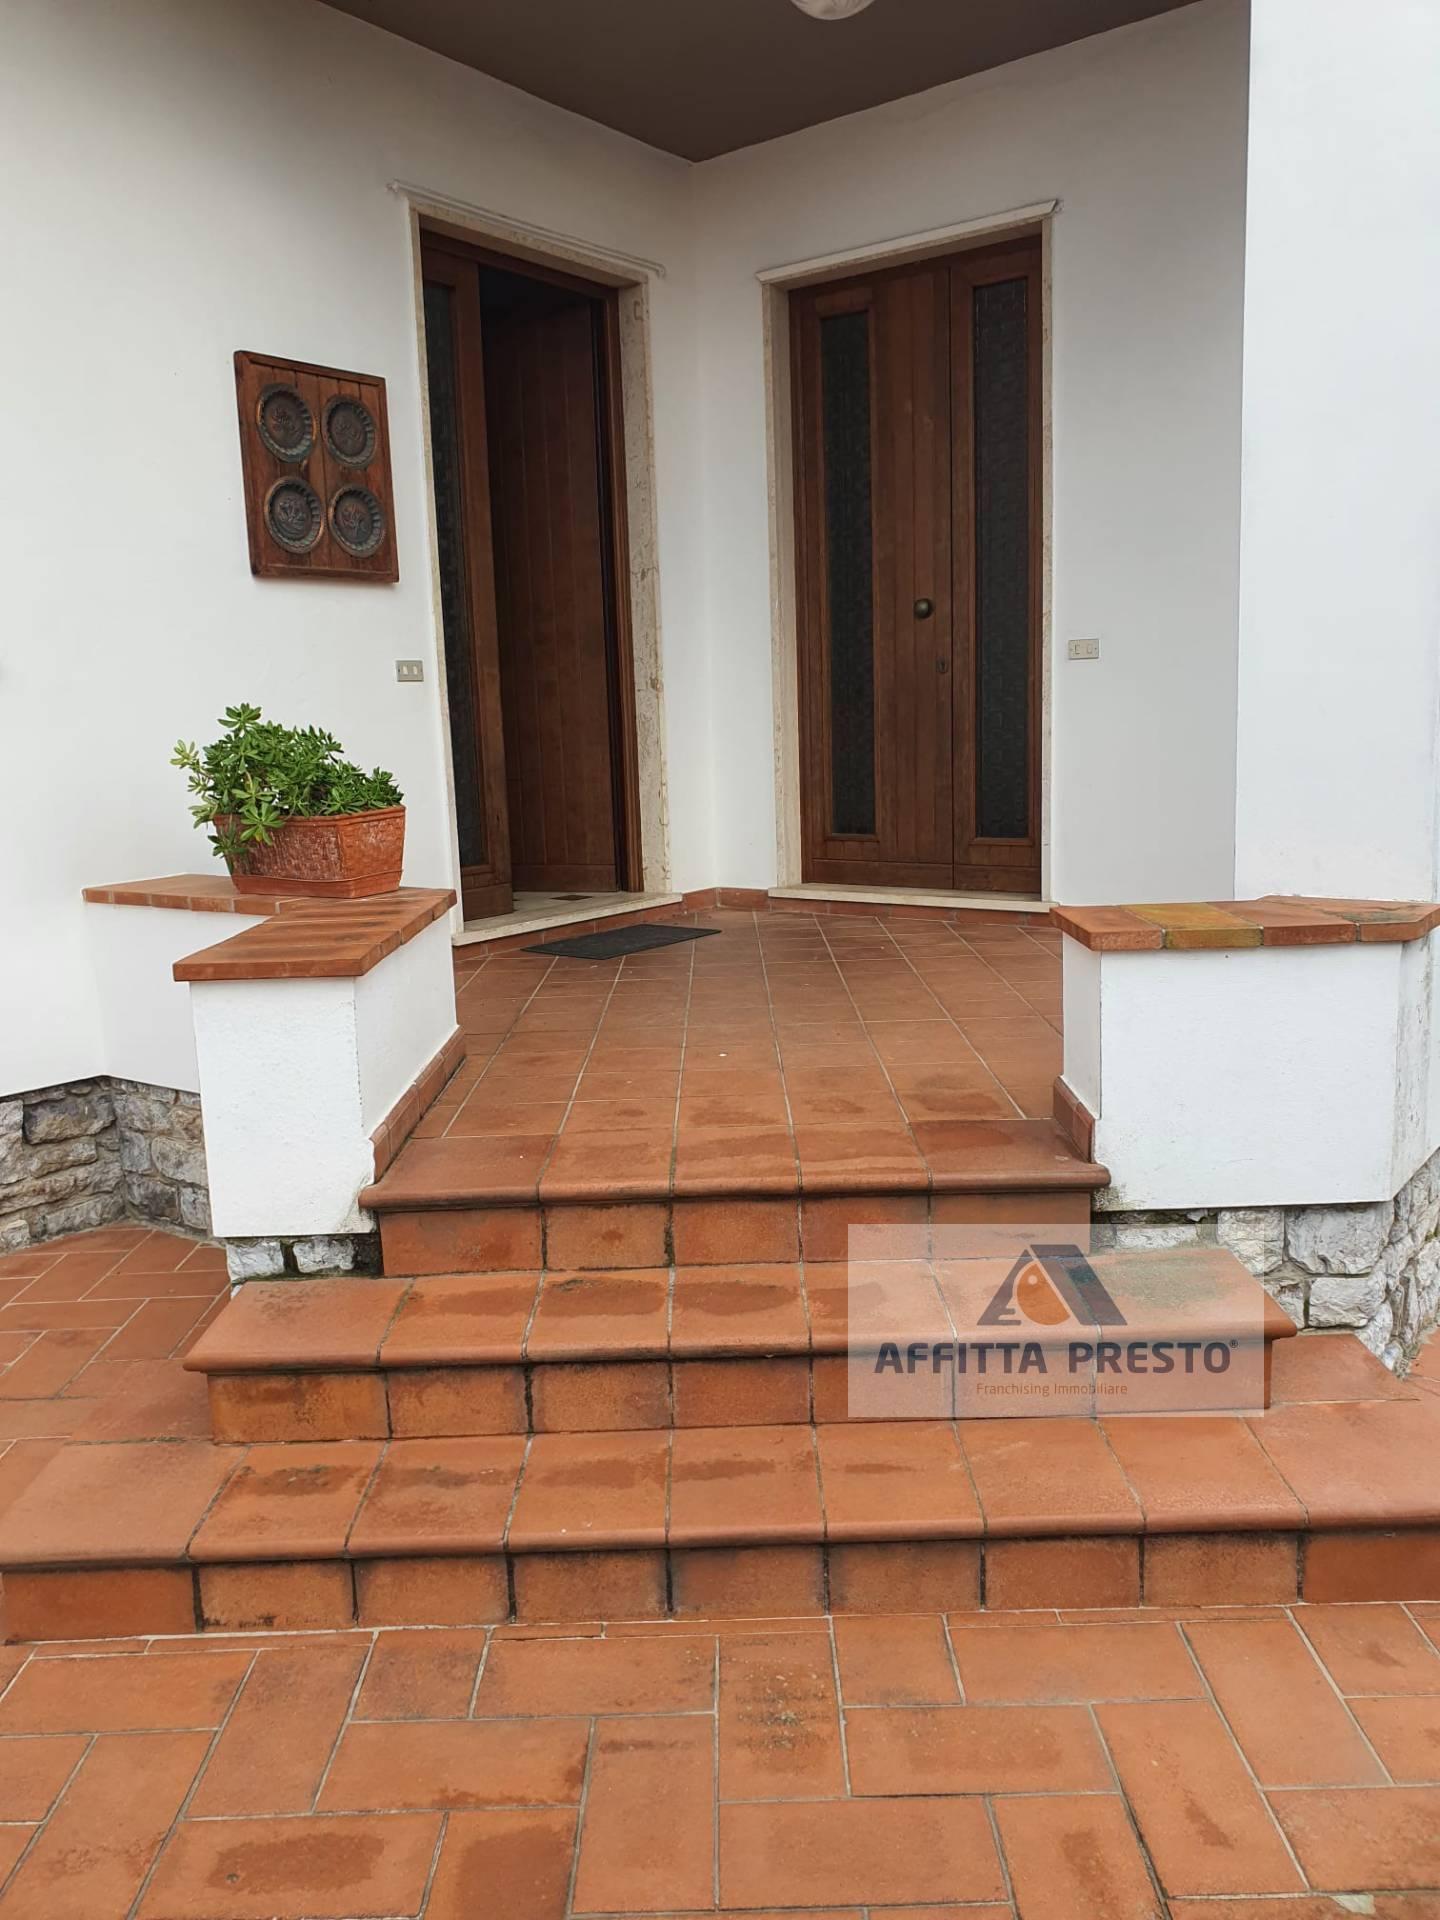 APPARTAMENTO in Affitto a Capezzano Pianore, Camaiore (LUCCA)